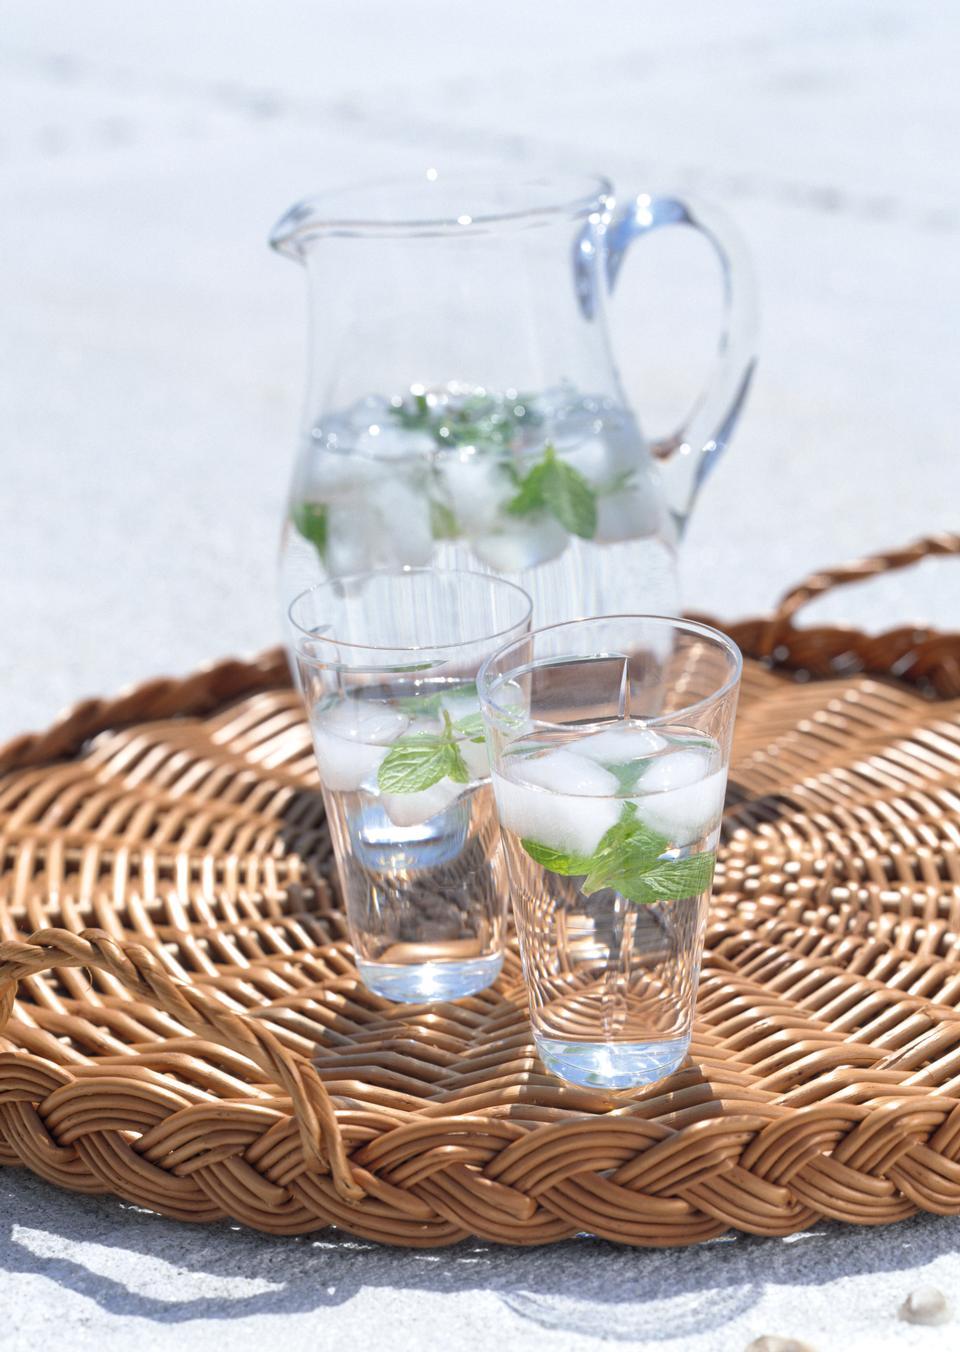 水と新鮮なハーブのガラス